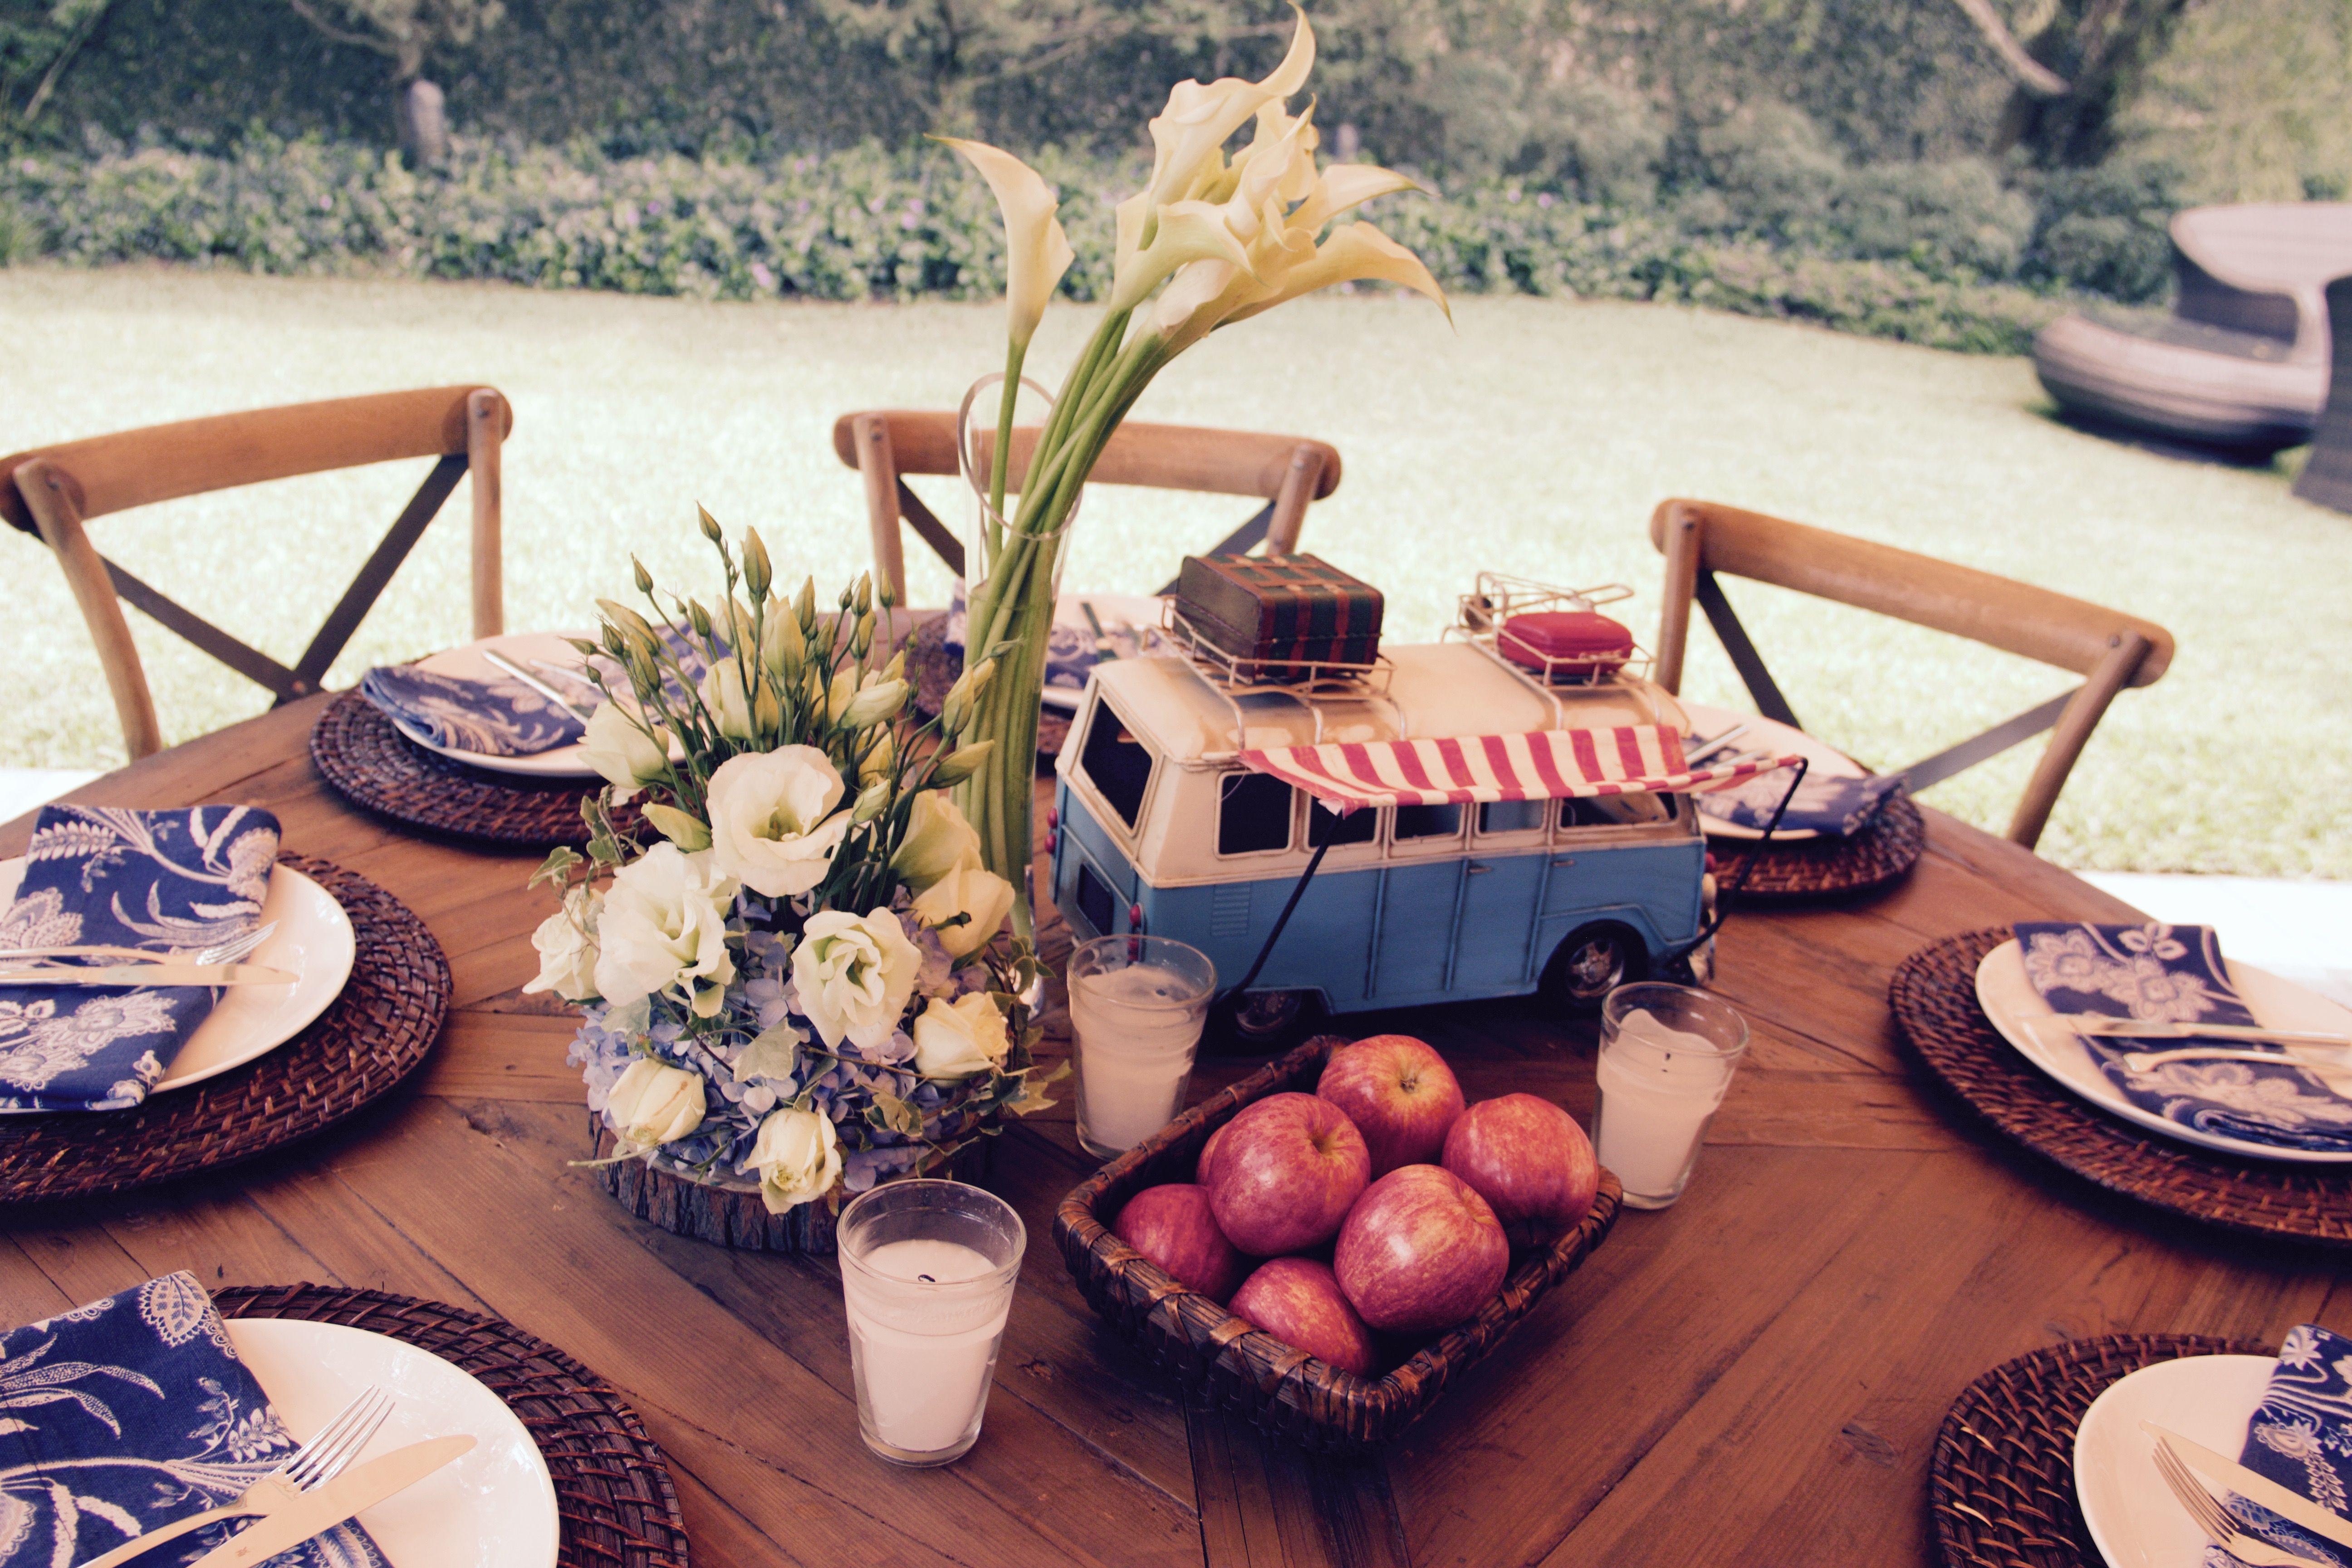 Vintage Daddy's birthday, Centros de mesas con flores neutrales y manzanas para darle un tono rojo de medio día.